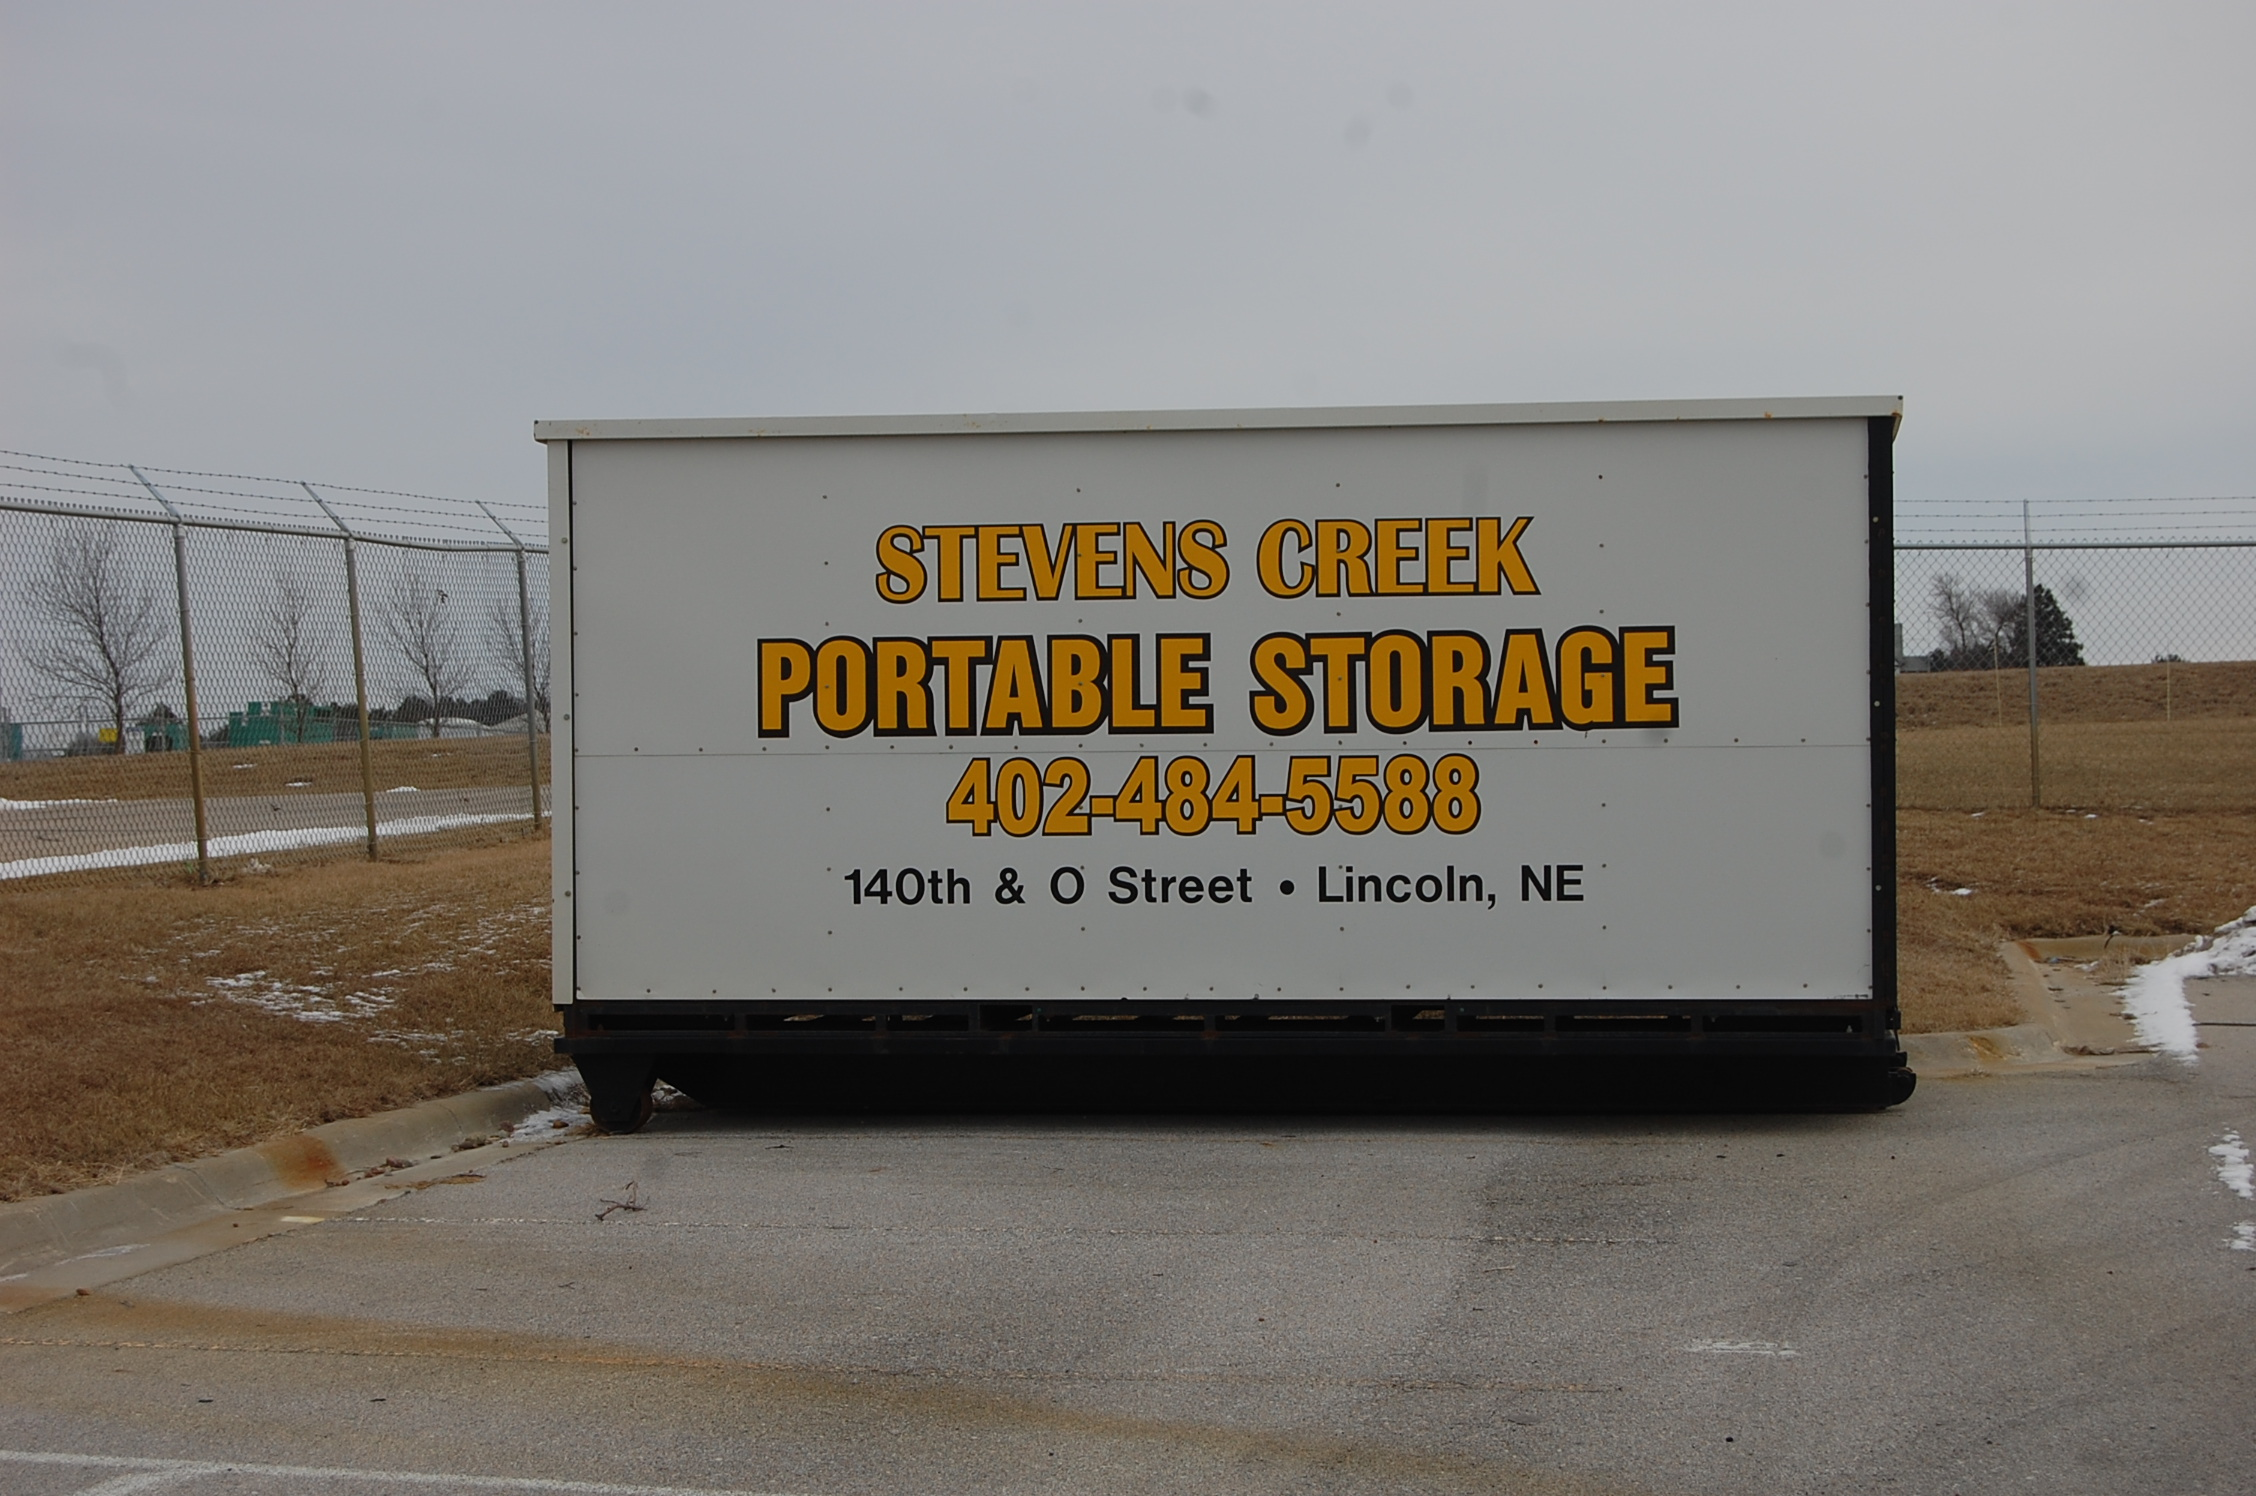 Portable Storage Units - Portable Storage Pods in Lincoln, NE